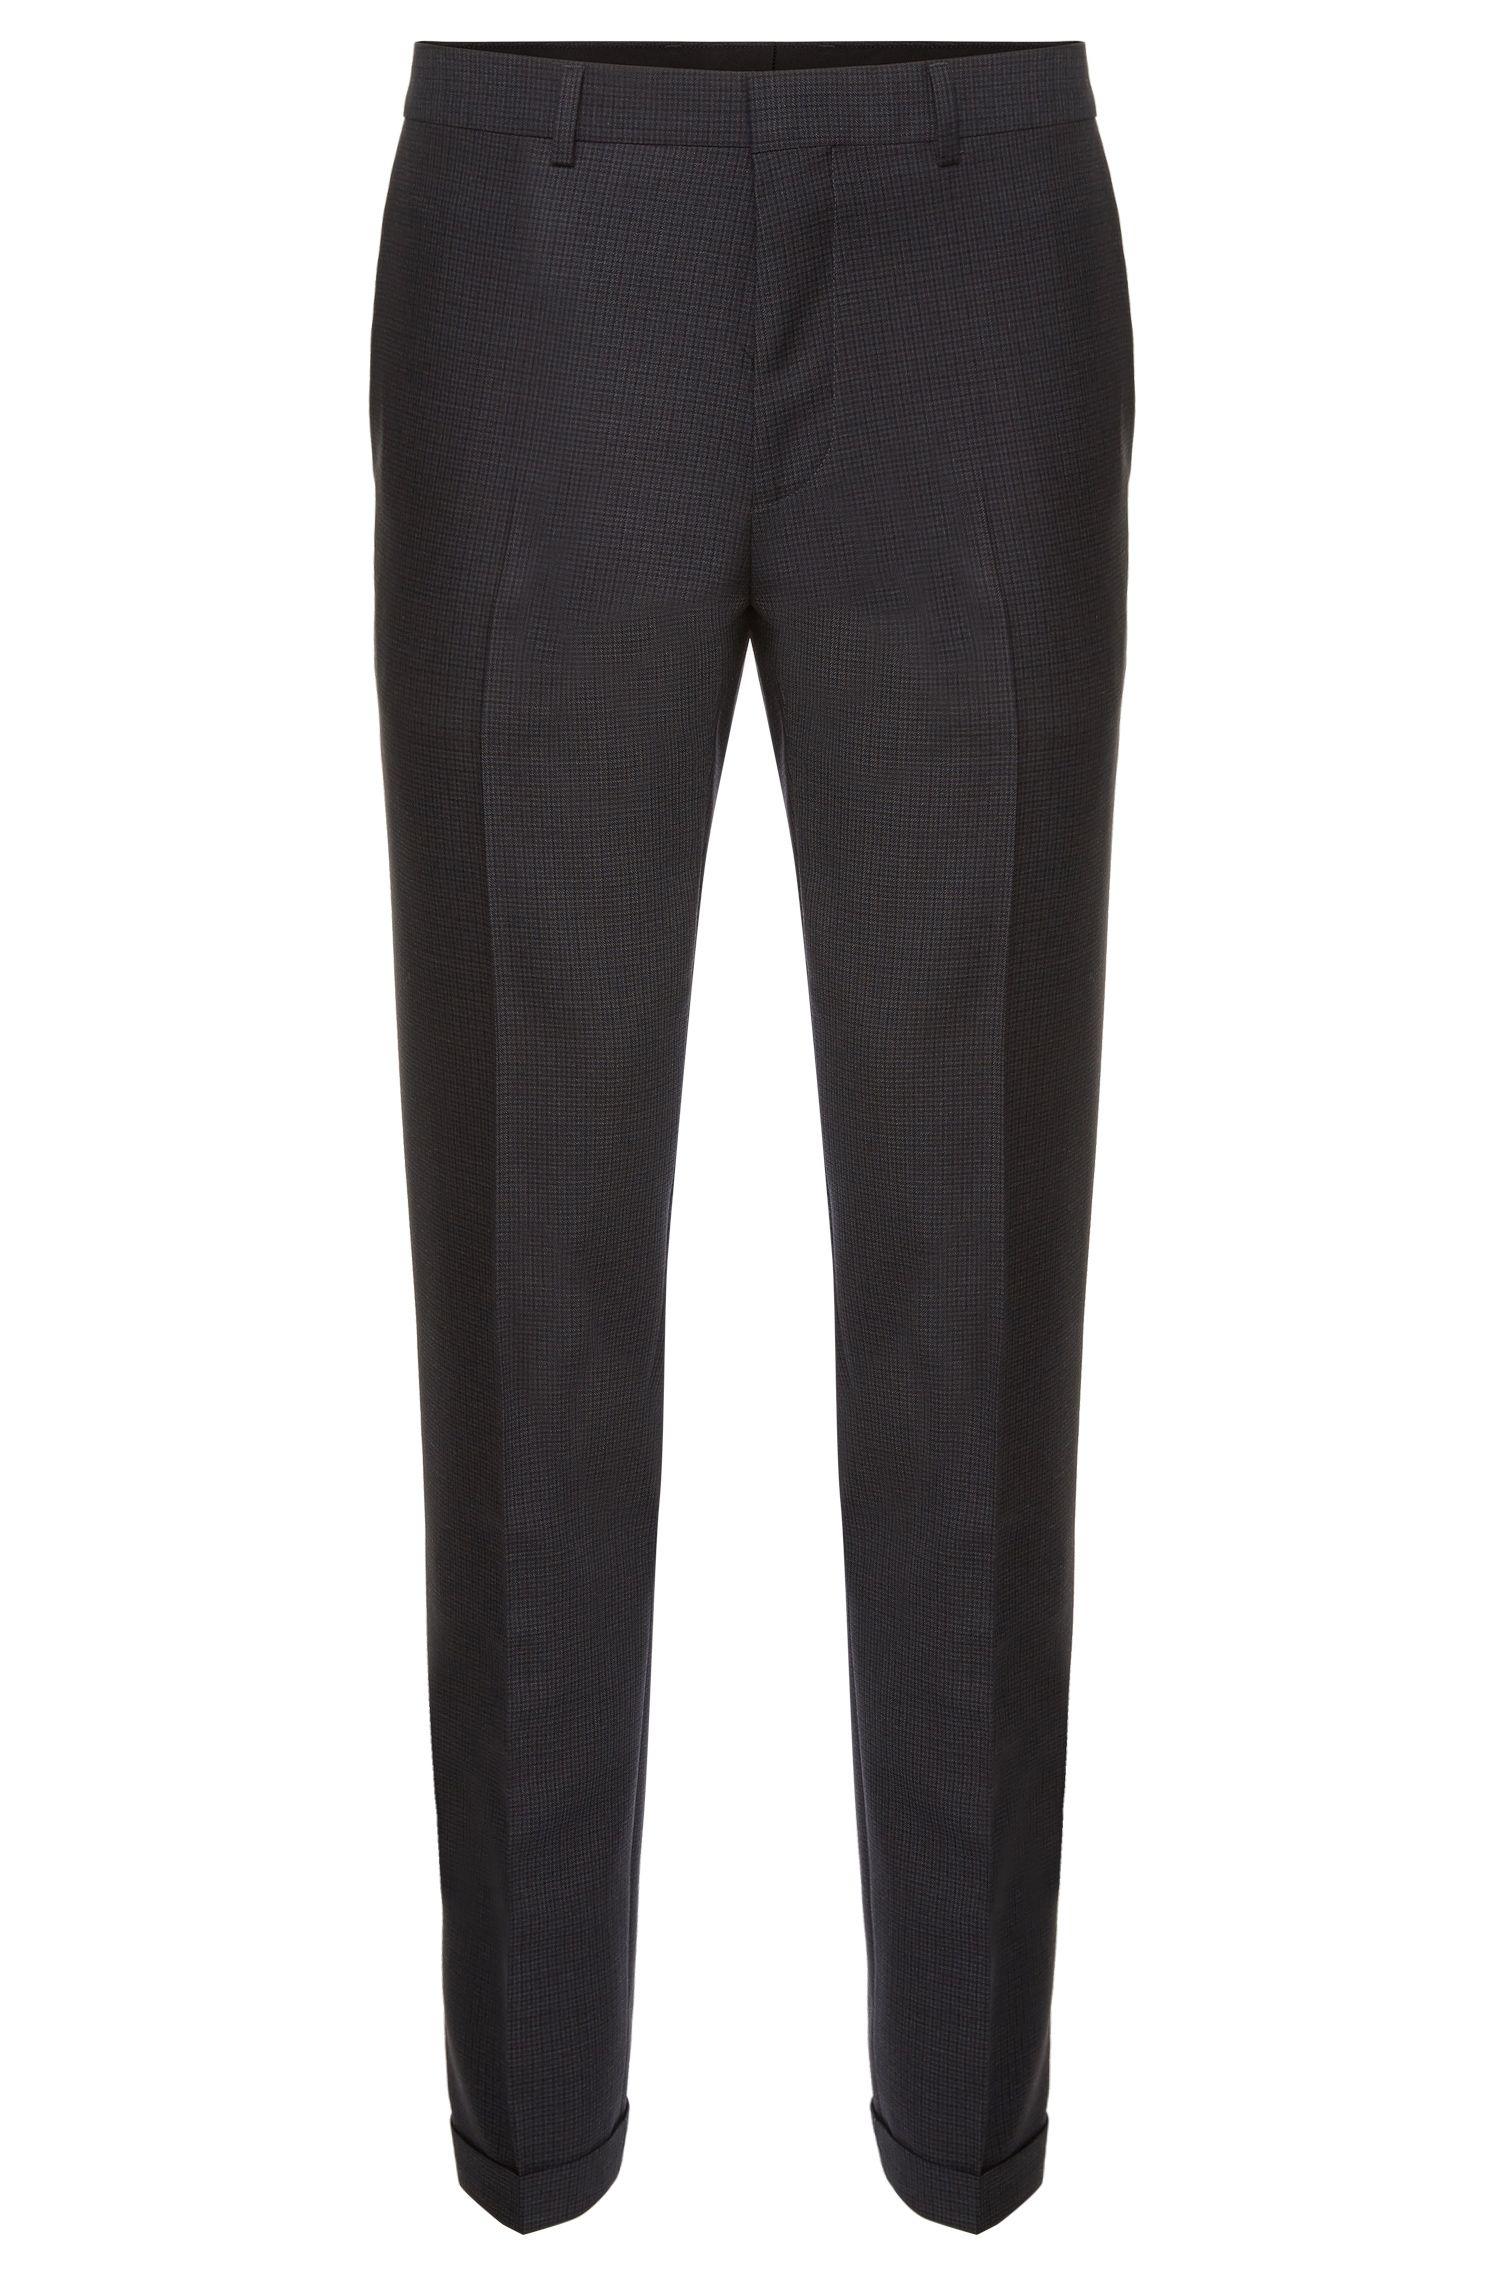 'Harwen' | Slim Fit, Virgin Wool Micro Houndstooth Pants